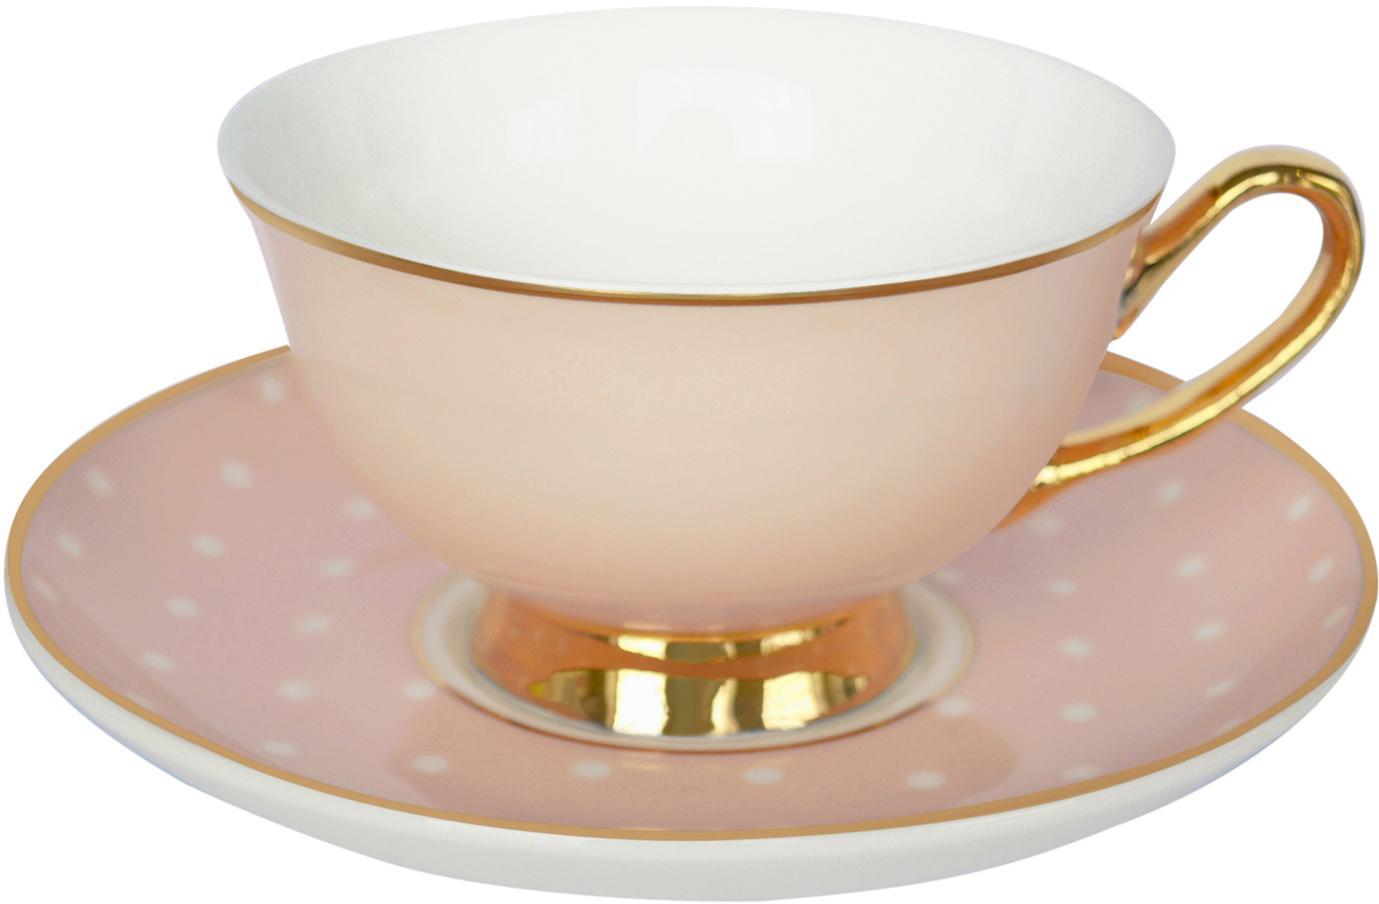 Filiżanka do herbaty ze spodkiem Spotty, Porcelana chińska, pozłacana, Blady różowy, biały Krawędź i uchwyt: złoty, Ø 15 x W 6 cm